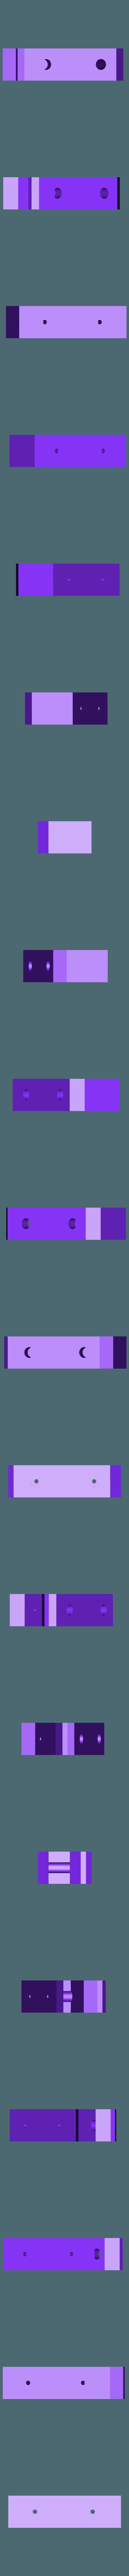 HeadPhoneStand.stl Télécharger fichier STL gratuit Support pour casque d'écoute • Objet pour impression 3D, lucadilorenzo98